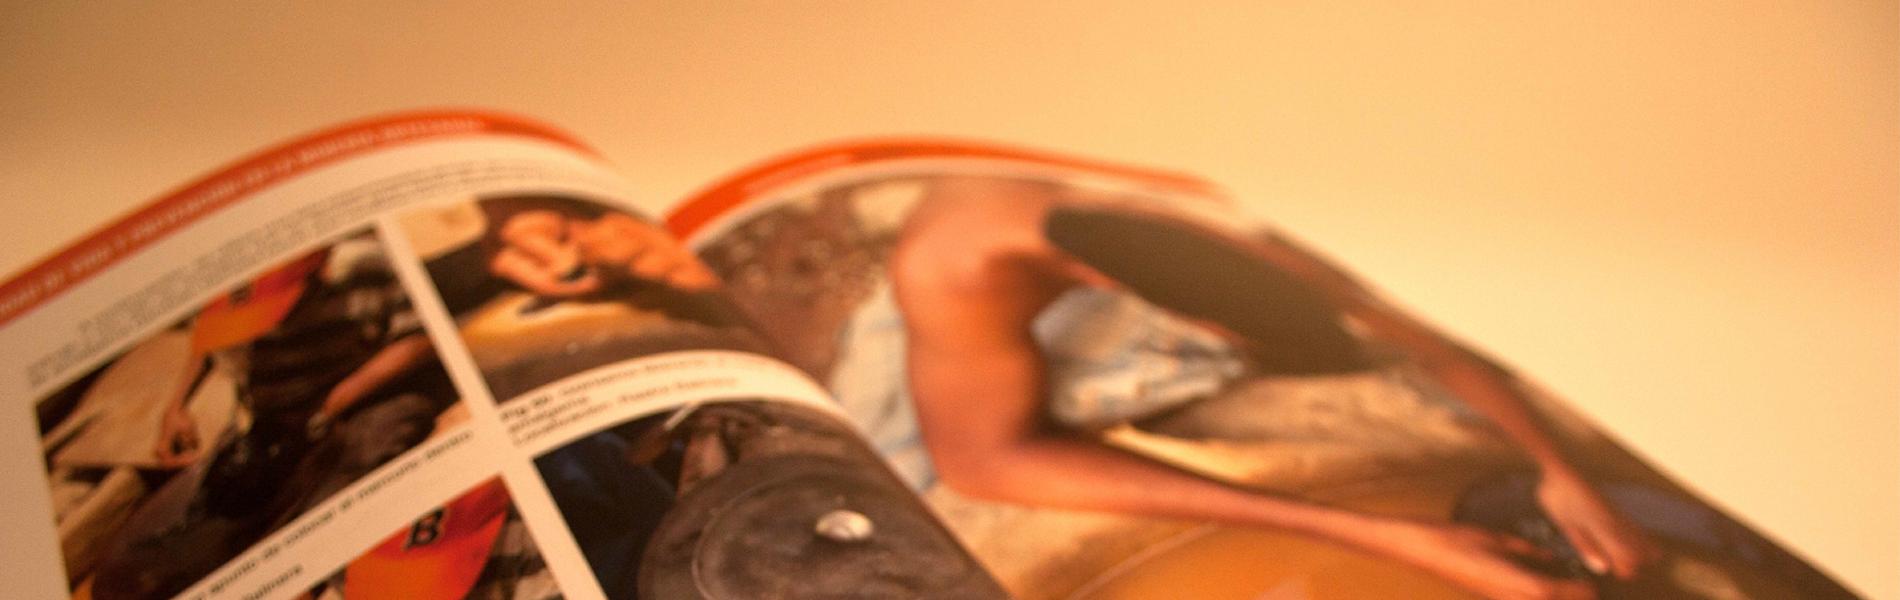 1900x900_nicaragua